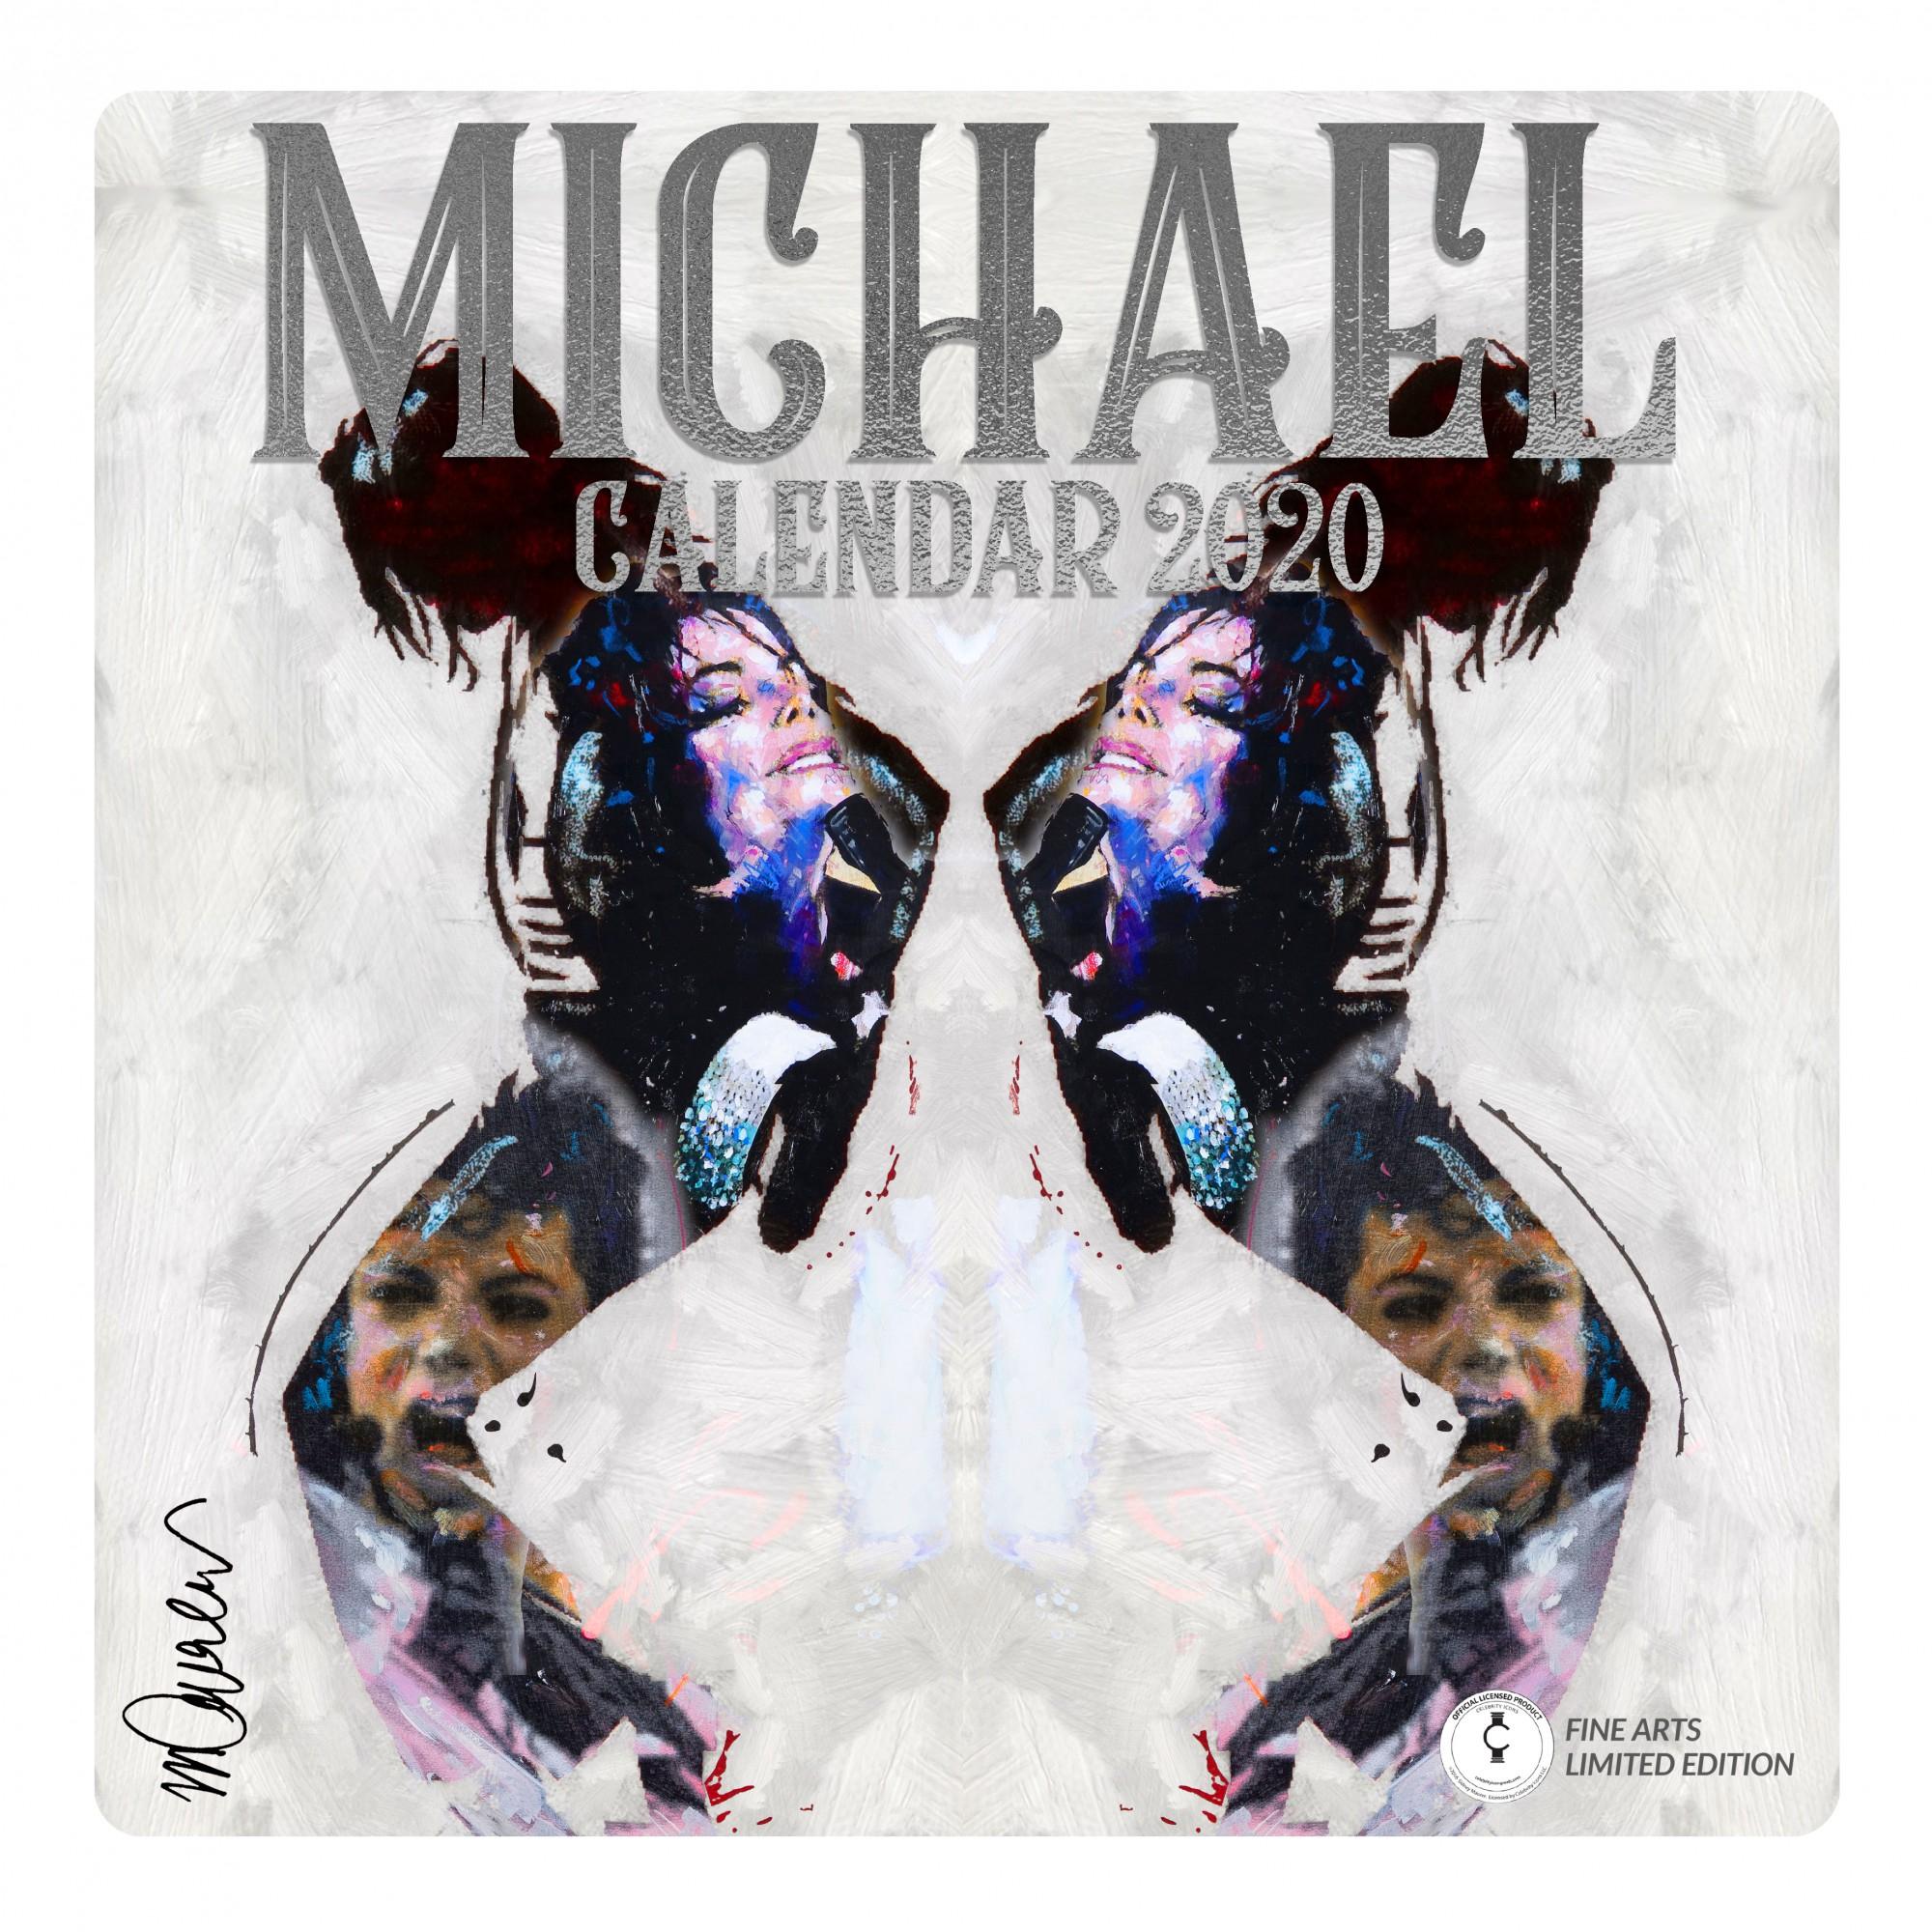 Calendario 2020 Michael Jackson intended for Calendario 2020 Michel